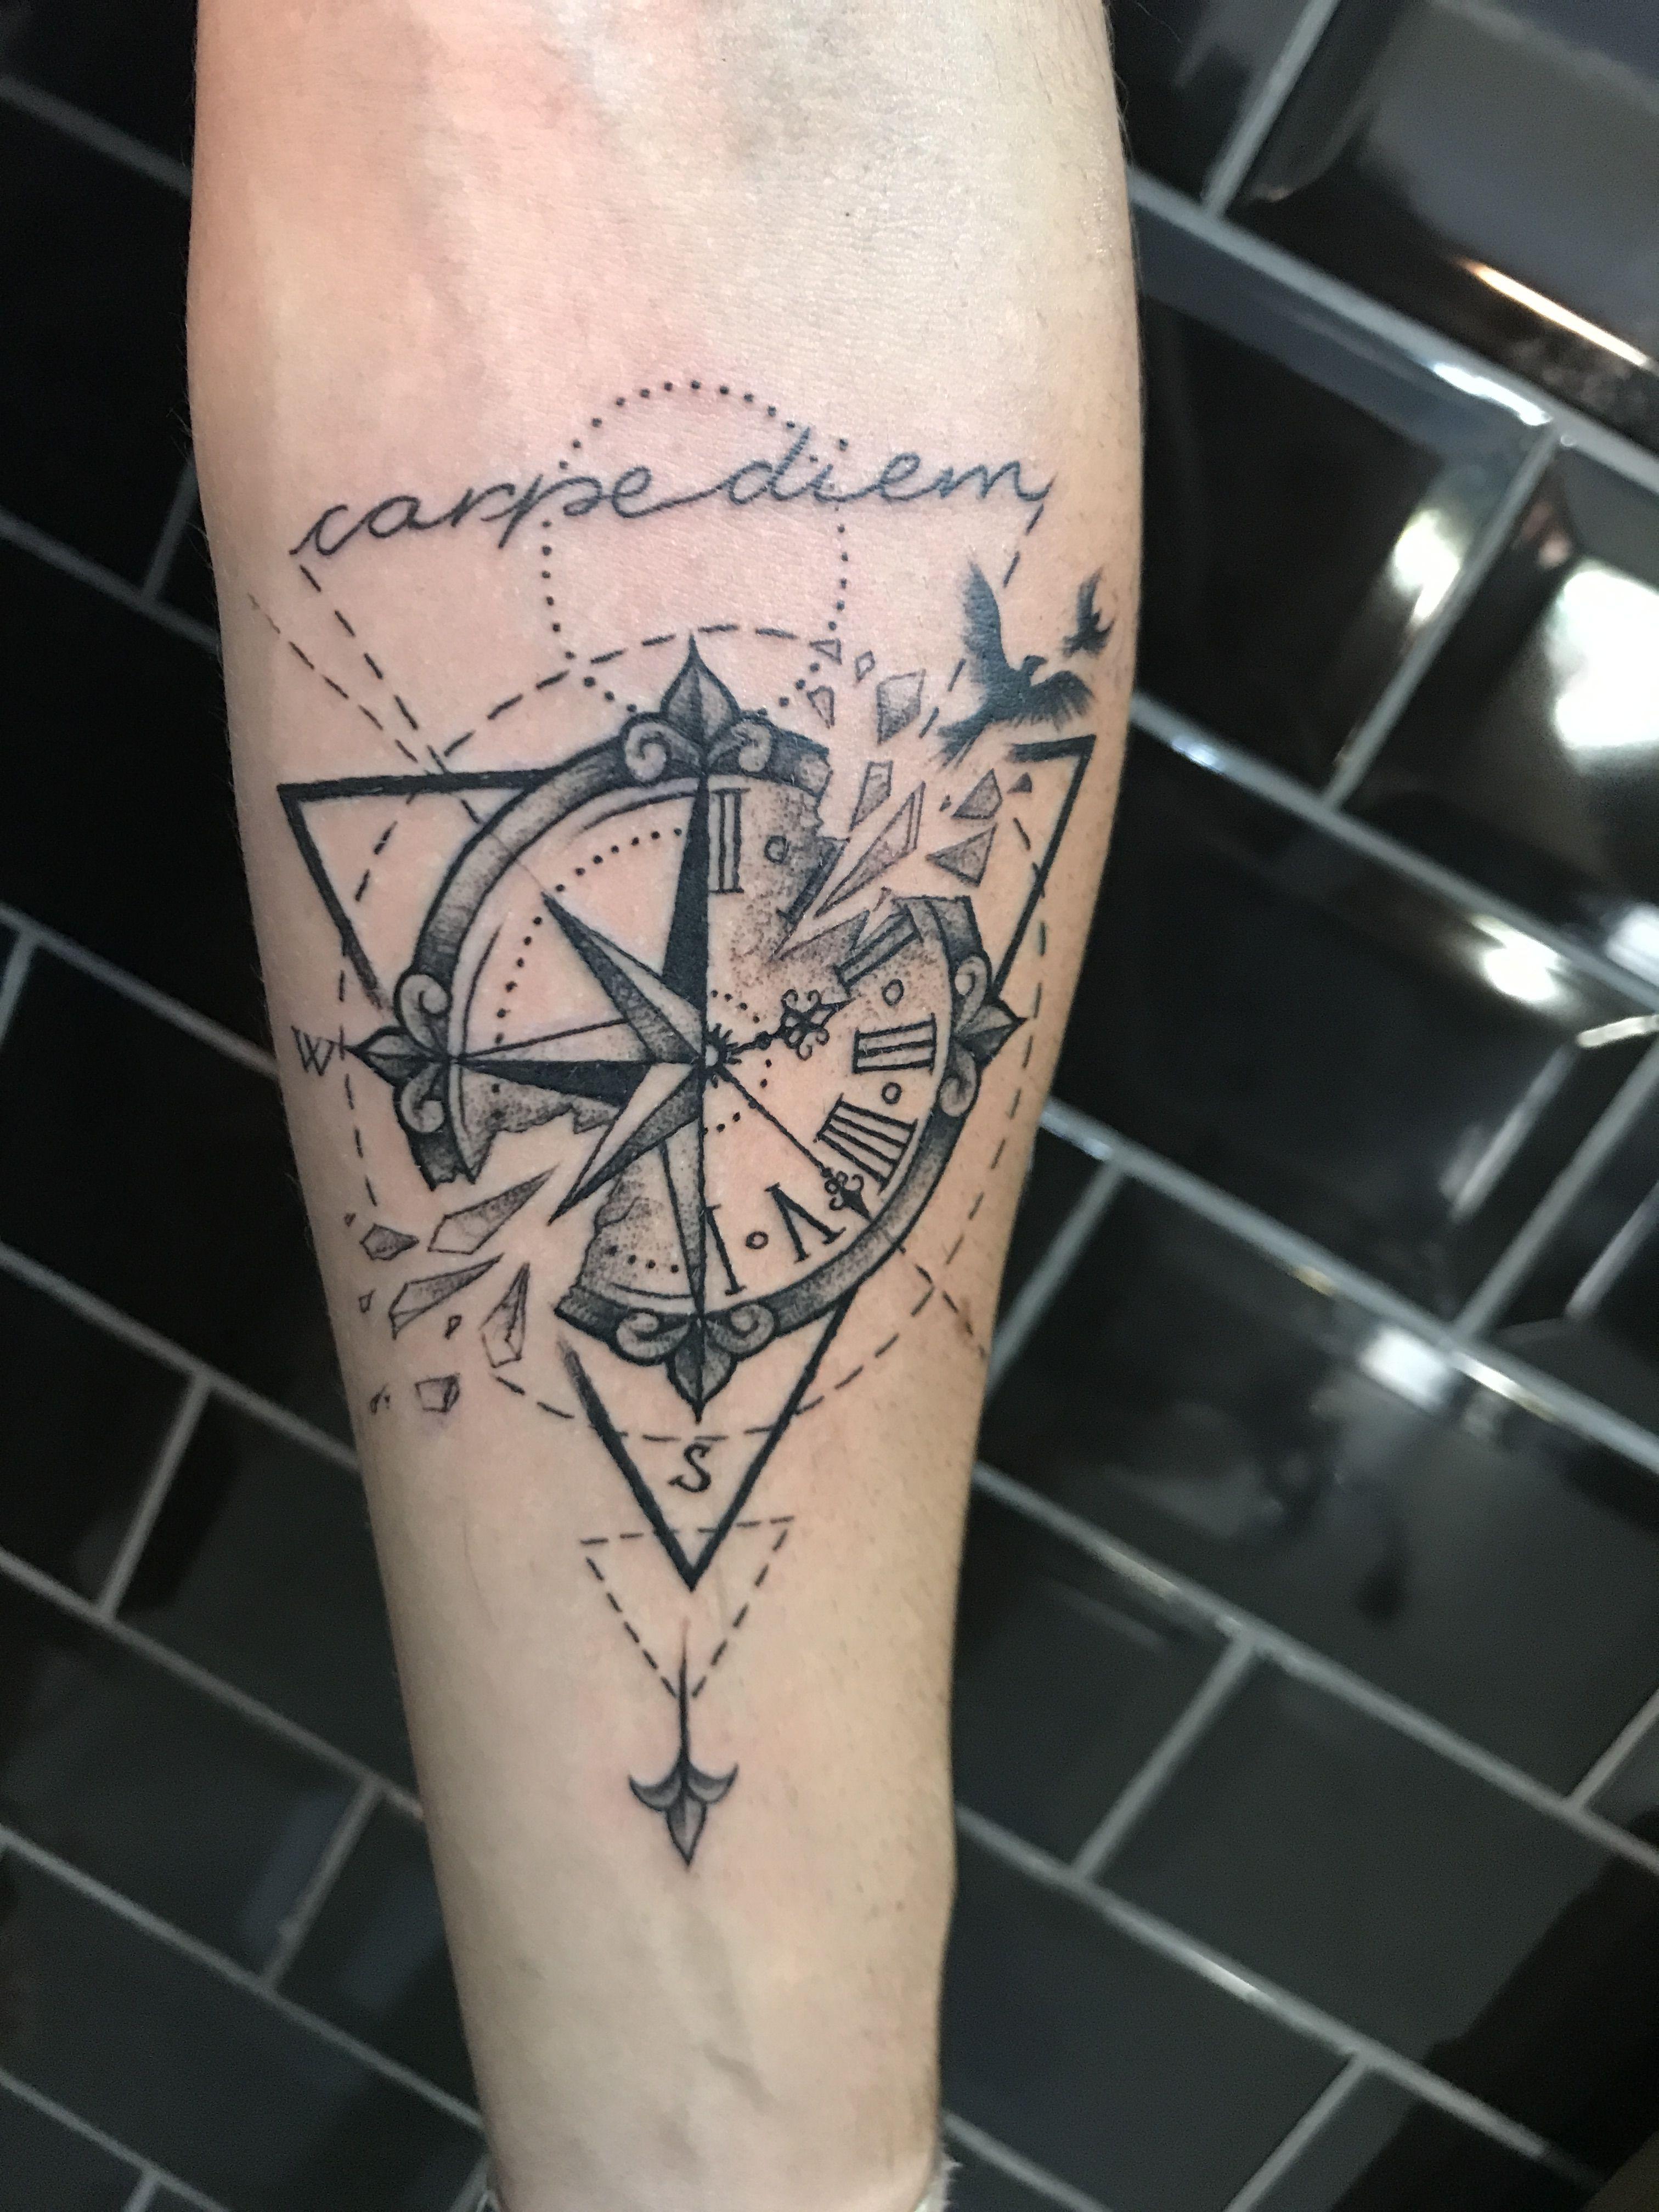 B ssola carpe diem tatuagem tattoos tattoo designs e for Tatoo bussola